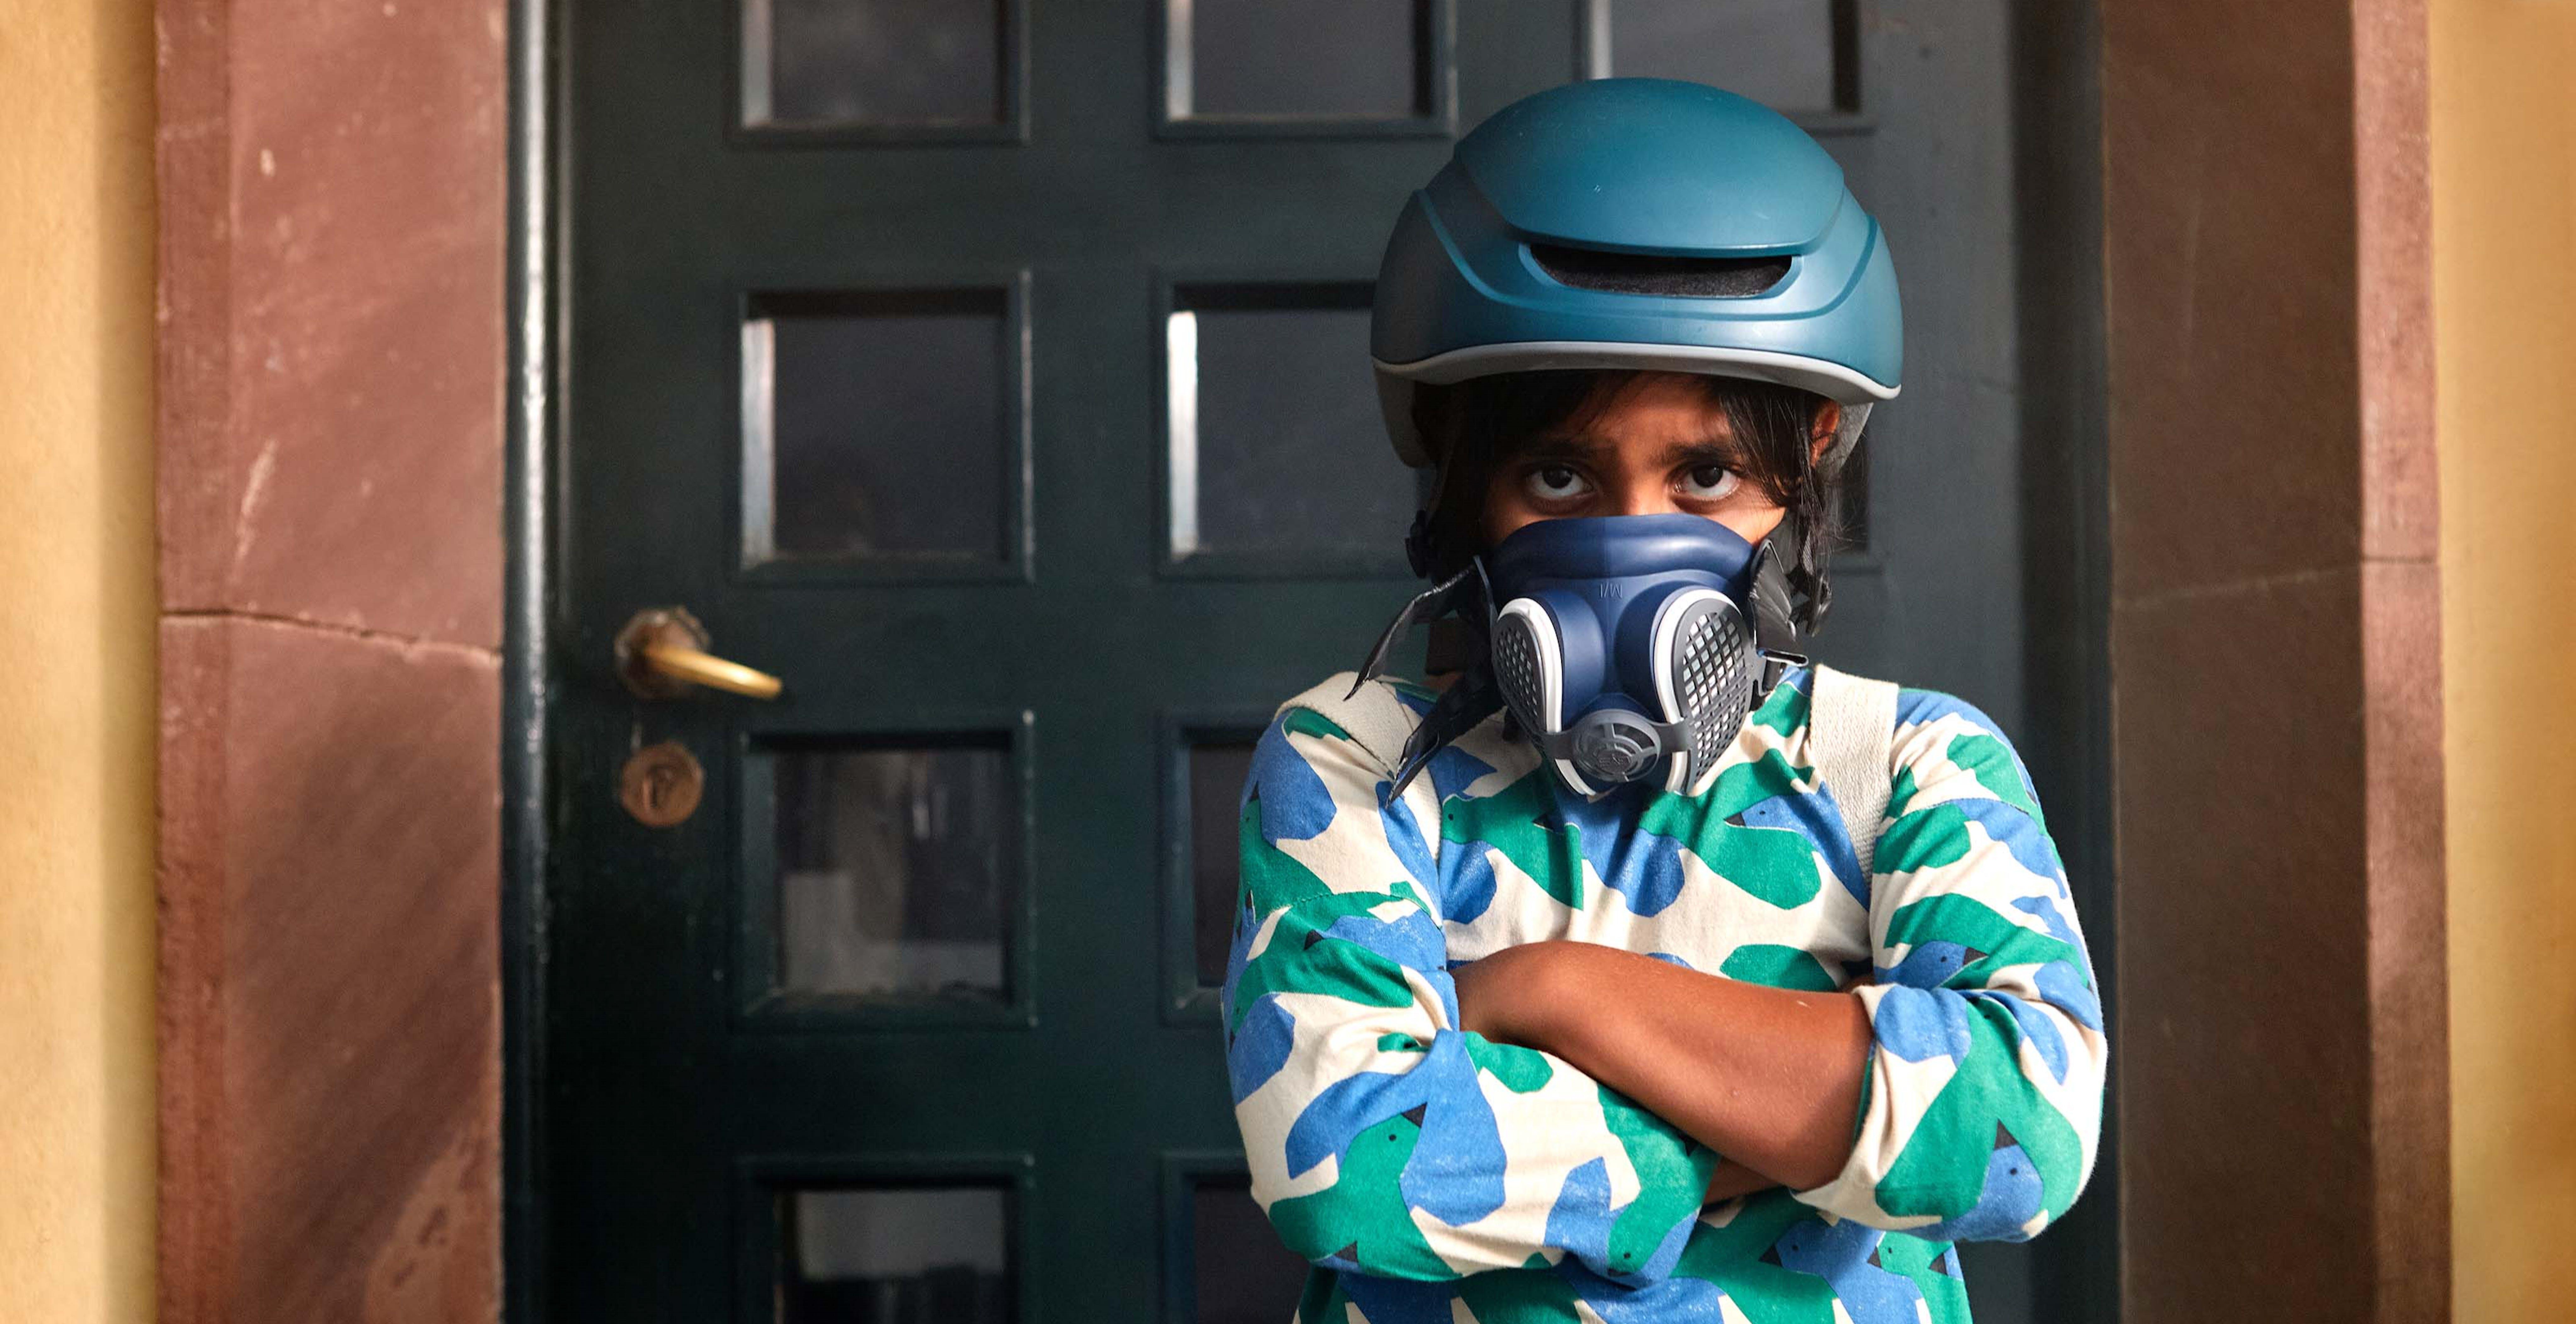 Spagna, una ragazza indossa un casco da bici e una maschera antigas per rappresentare il futuro catastrofico che attende i bambini se l'emergenza climatica dovesse peggiorare